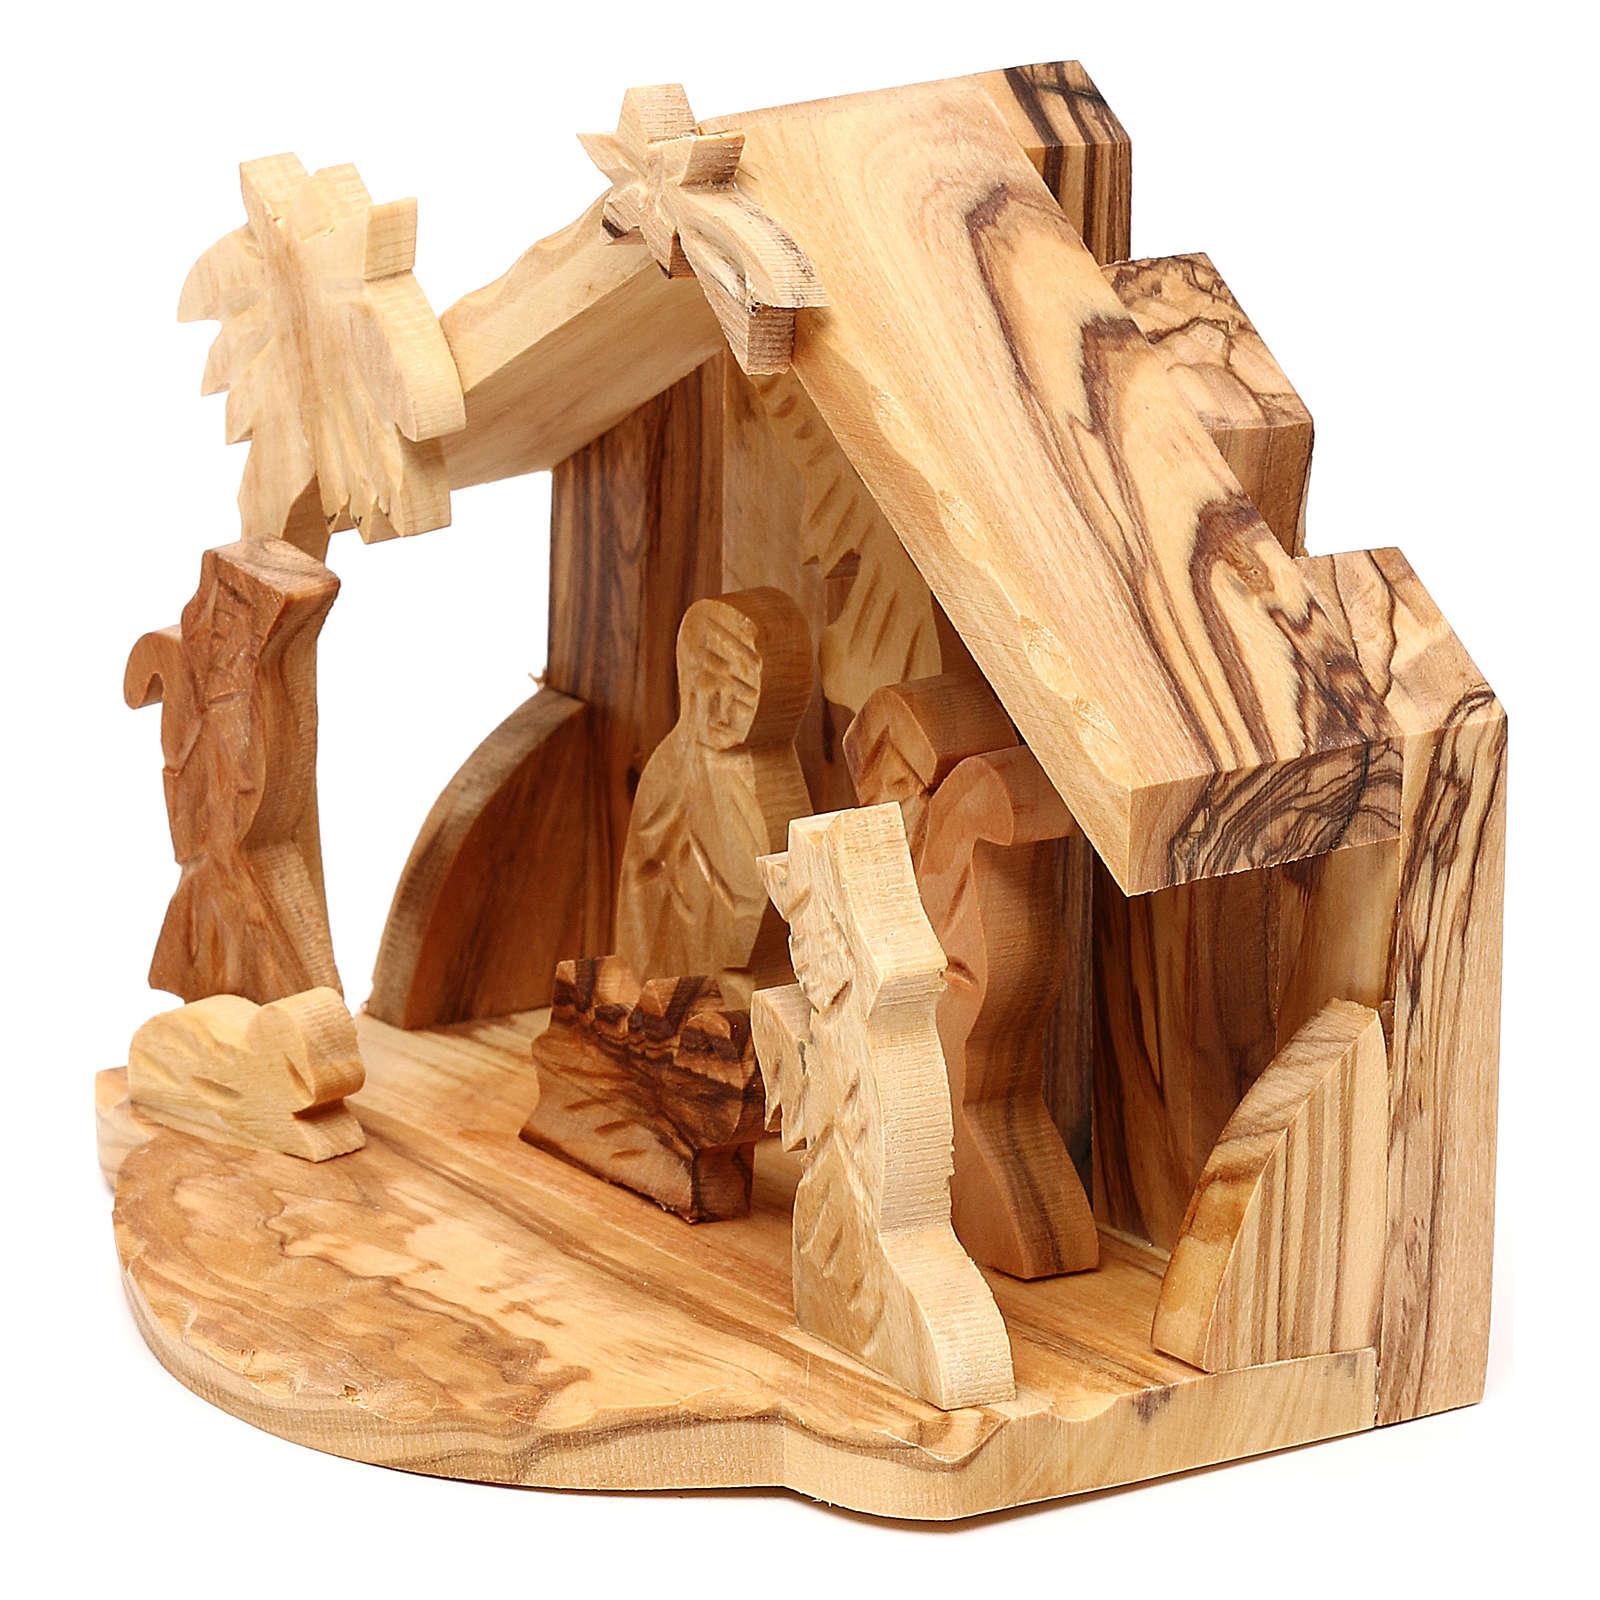 Capanna con scena Natività in ulivo di Betlemme 10x10x10 cm 4